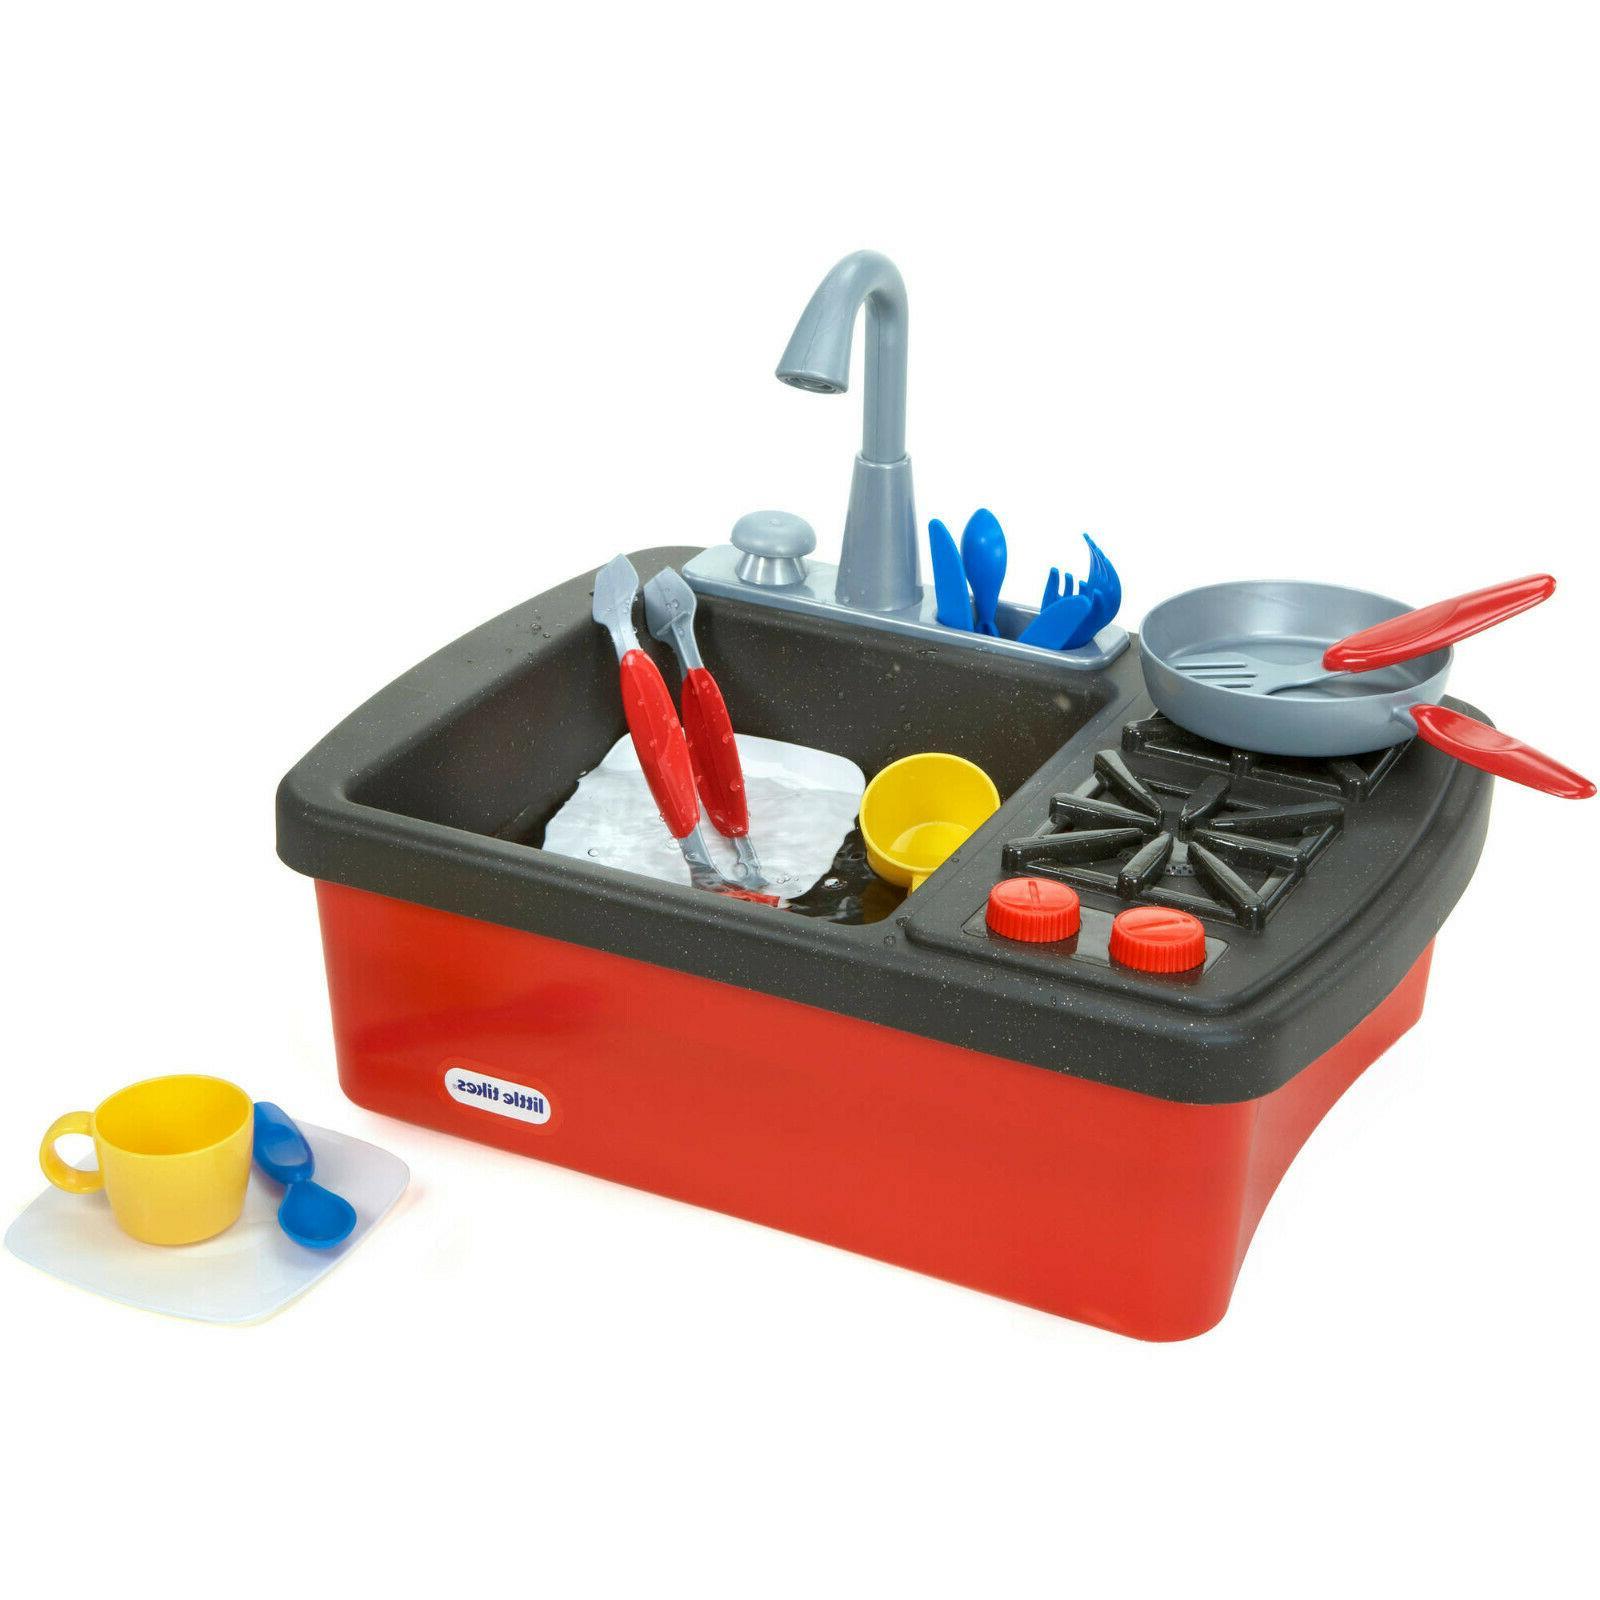 Little Tikes Splish Splash Sink & Stove Play Set Fun Indoor